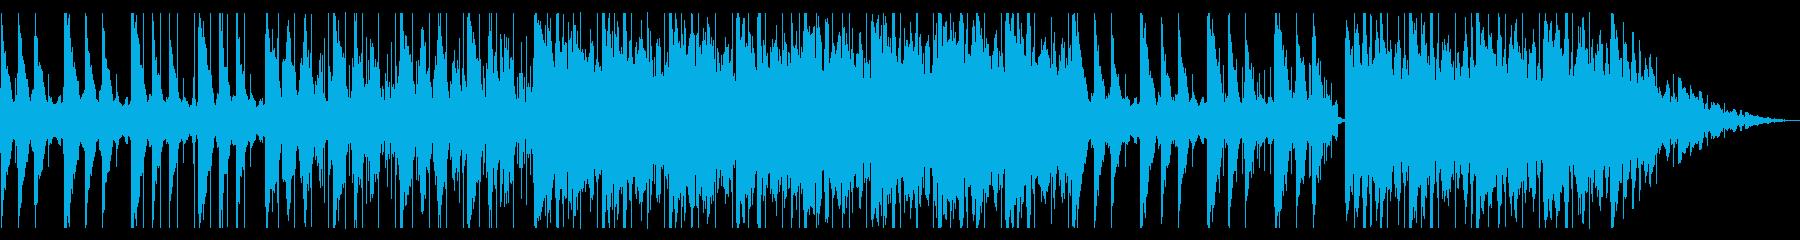 眠気を誘うローファイヒップホップ_2の再生済みの波形